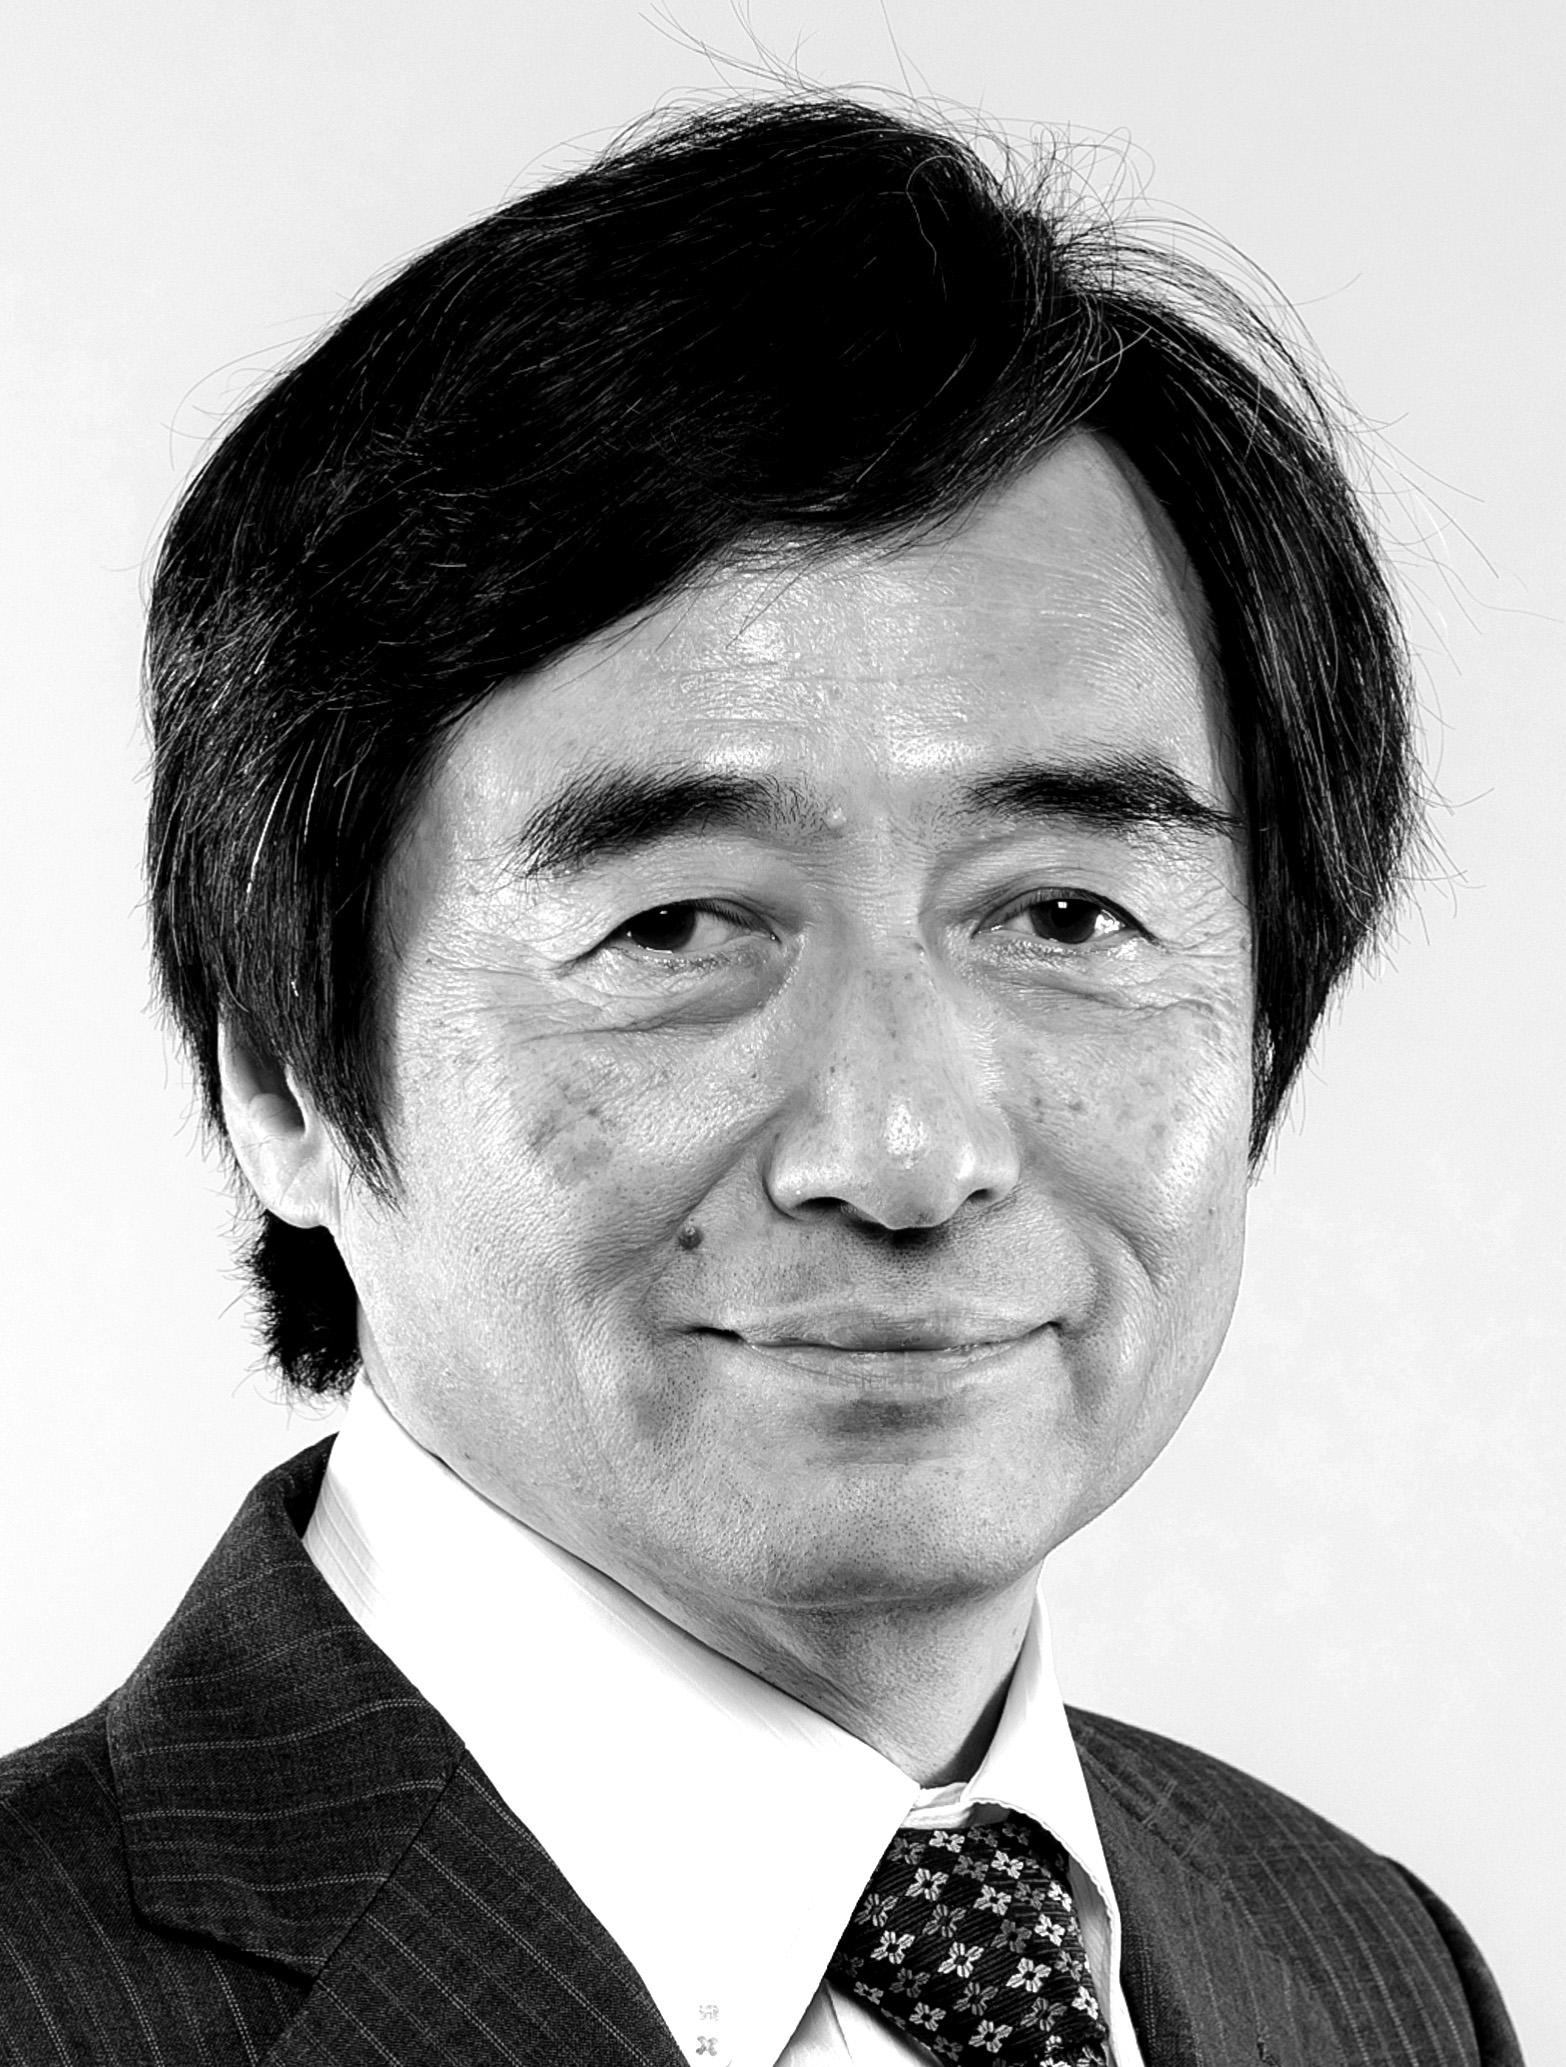 Hidenori Shinno